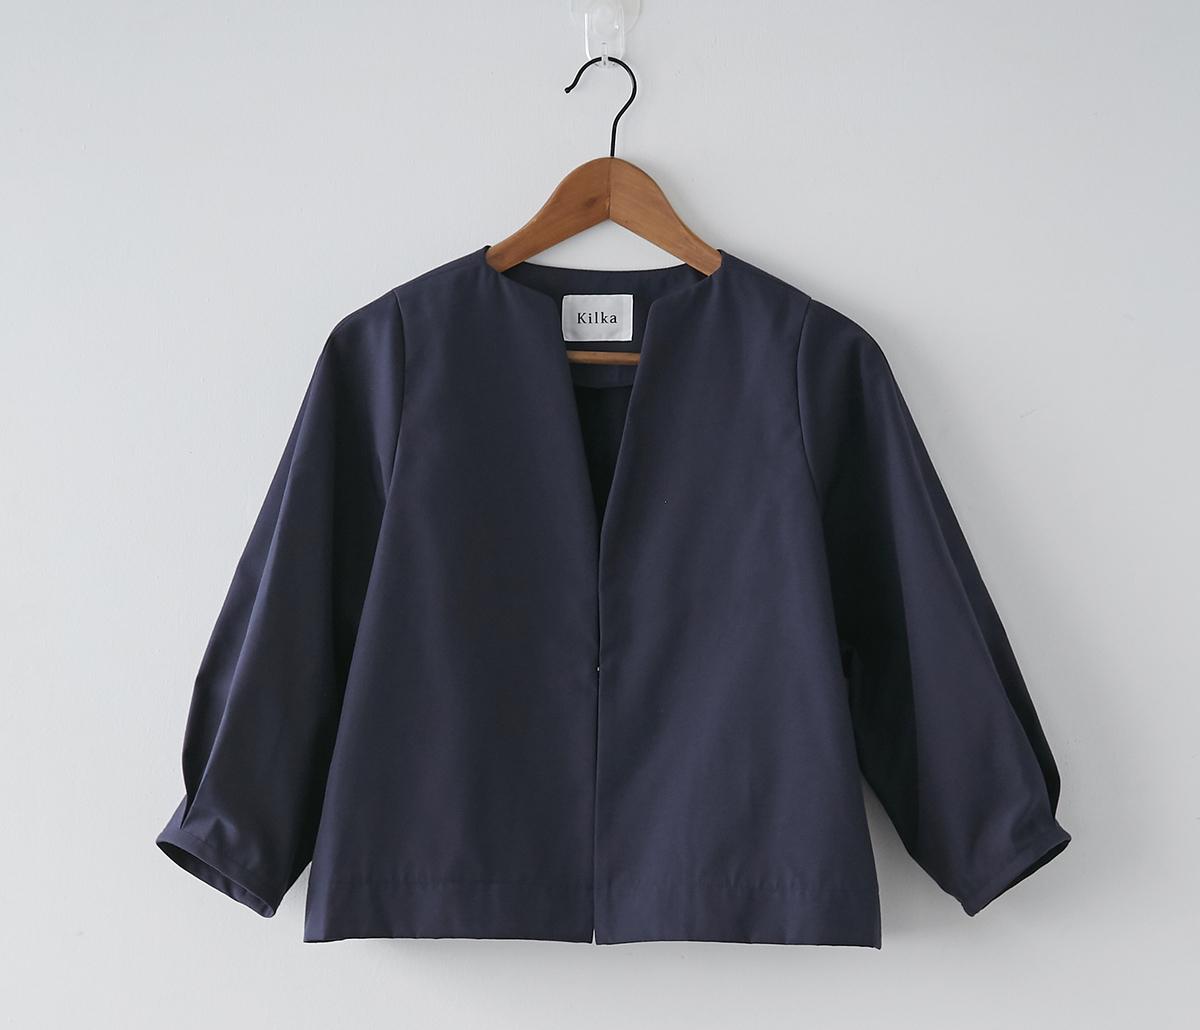 Kilka/洗えてシワになりにくいジャケット